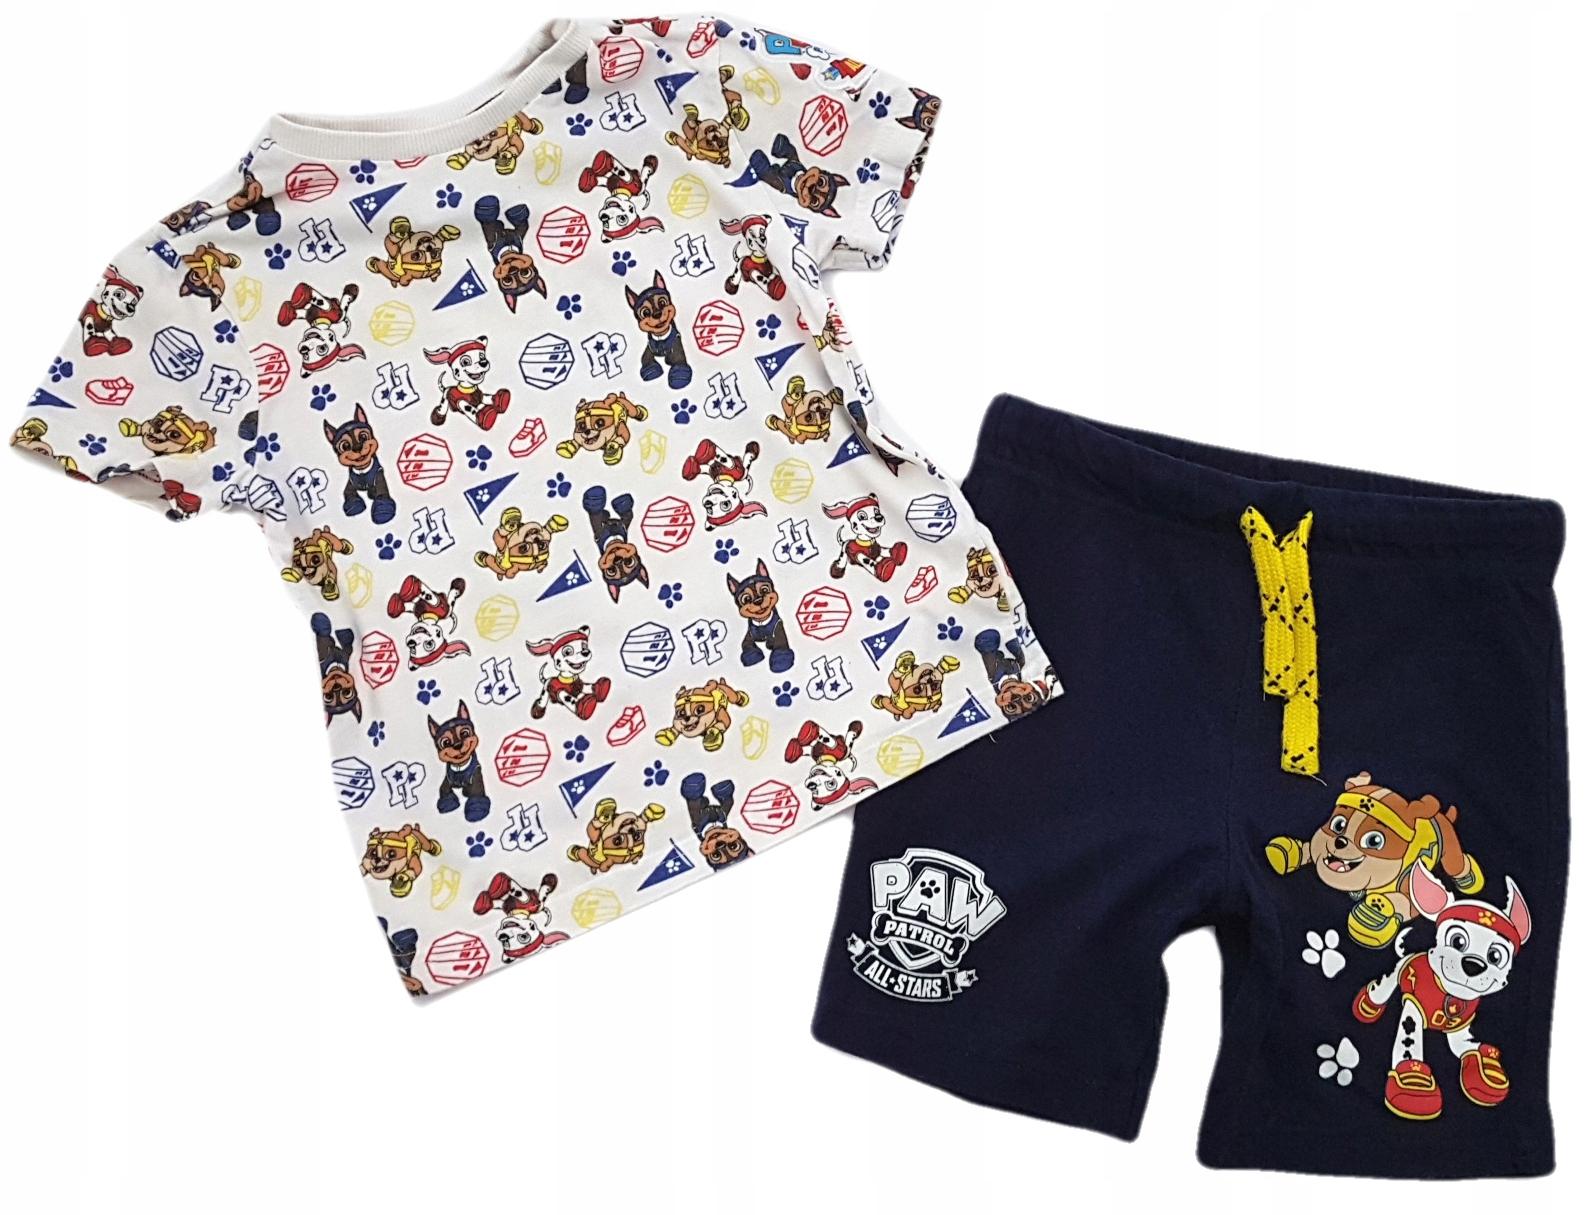 F&F*Komplet Psi Patrol-bluzka+kr.spodnie*104